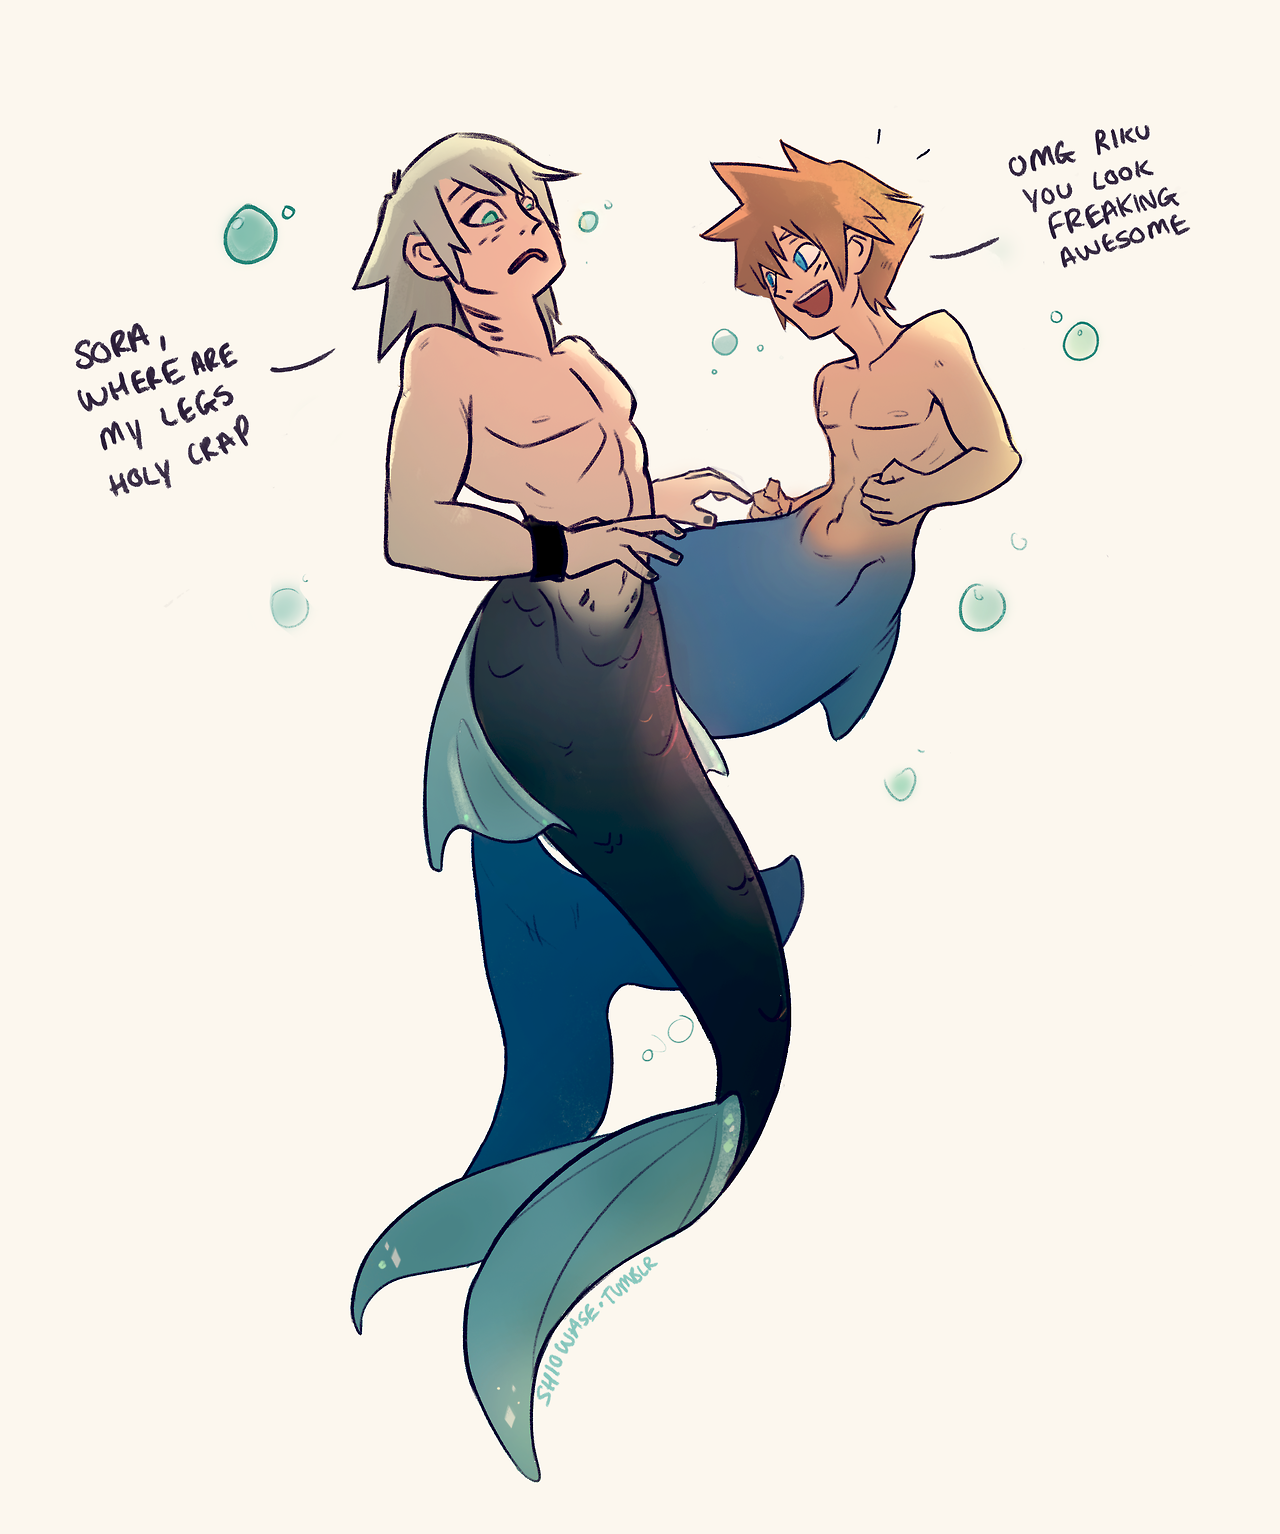 Riku matchmaking